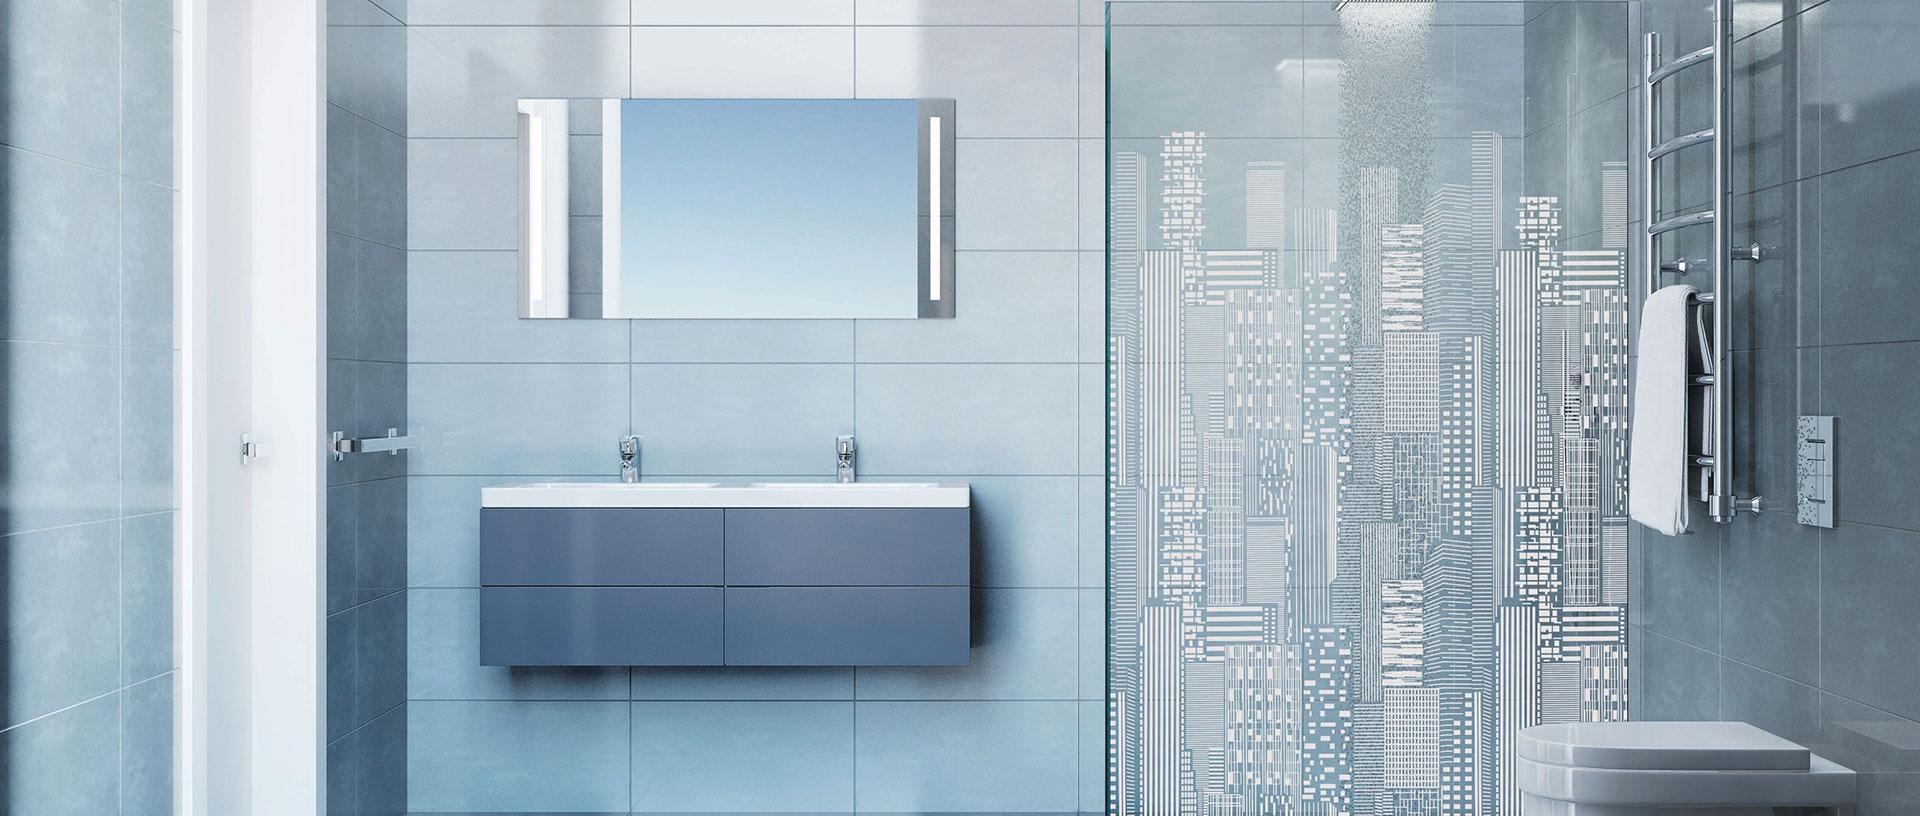 IKON Glass, Wangara, Perth, WA - Your supplier of showerscreens ...